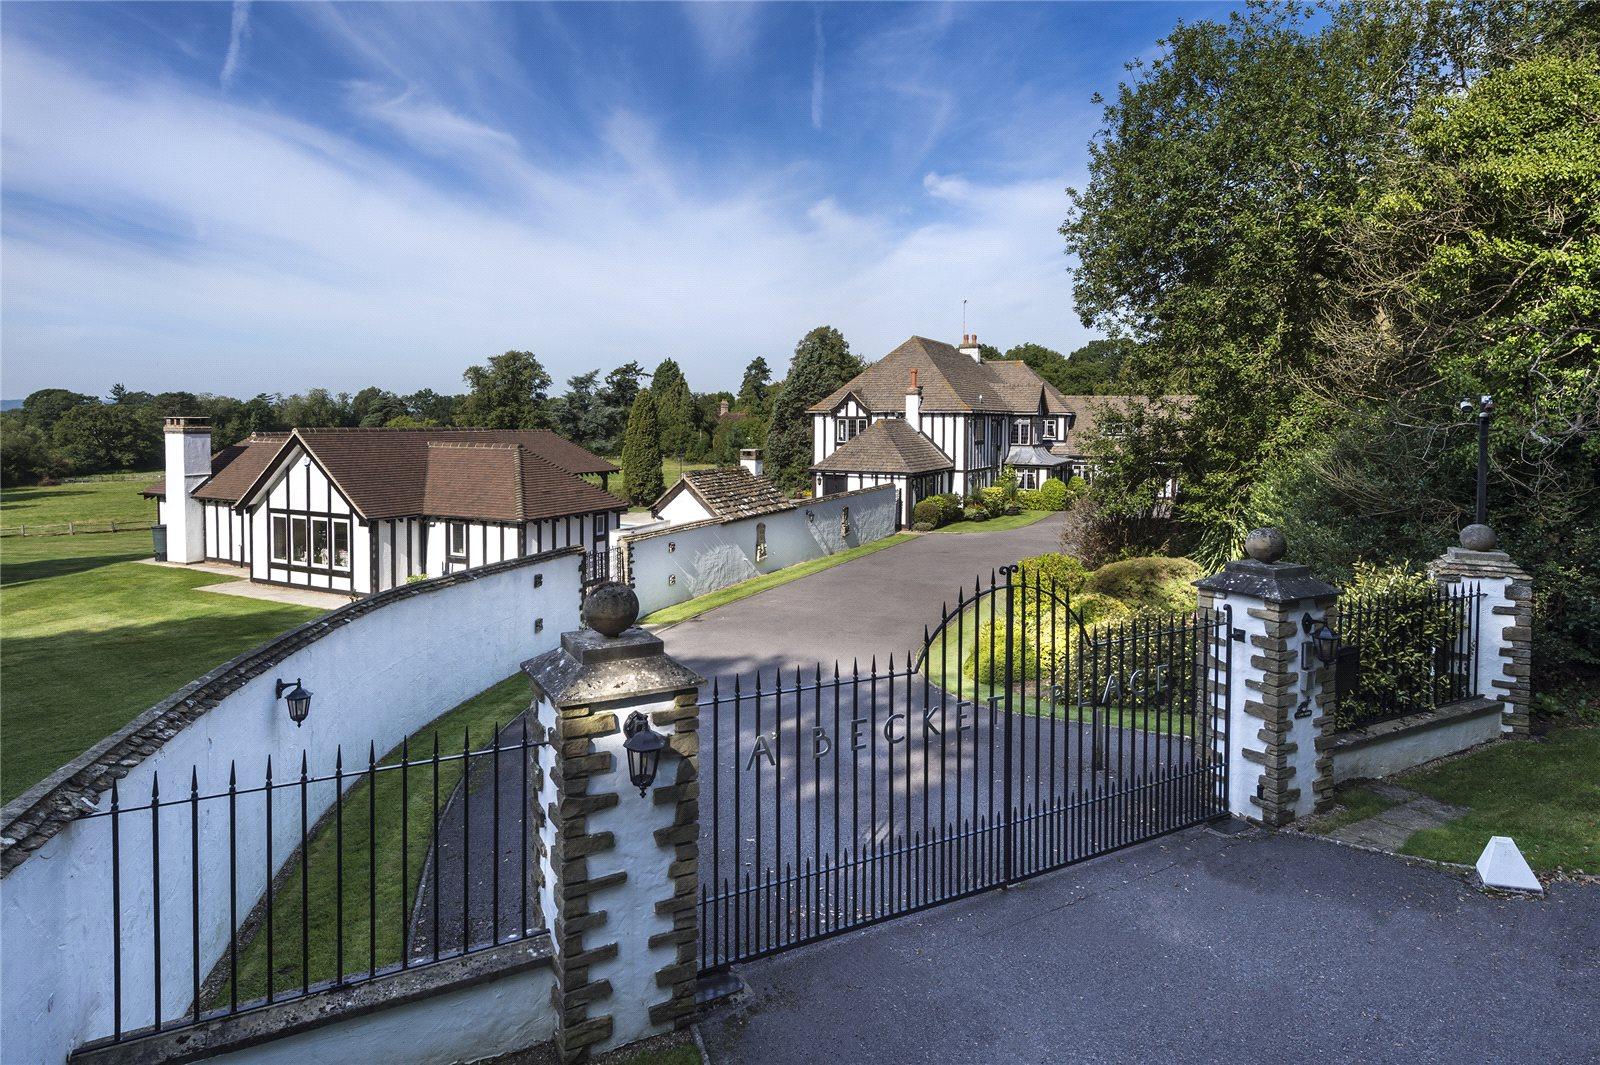 Casa Unifamiliar por un Venta en Merrywood Lane, Thakeham, Pulborough, West Sussex, RH20 Pulborough, Inglaterra